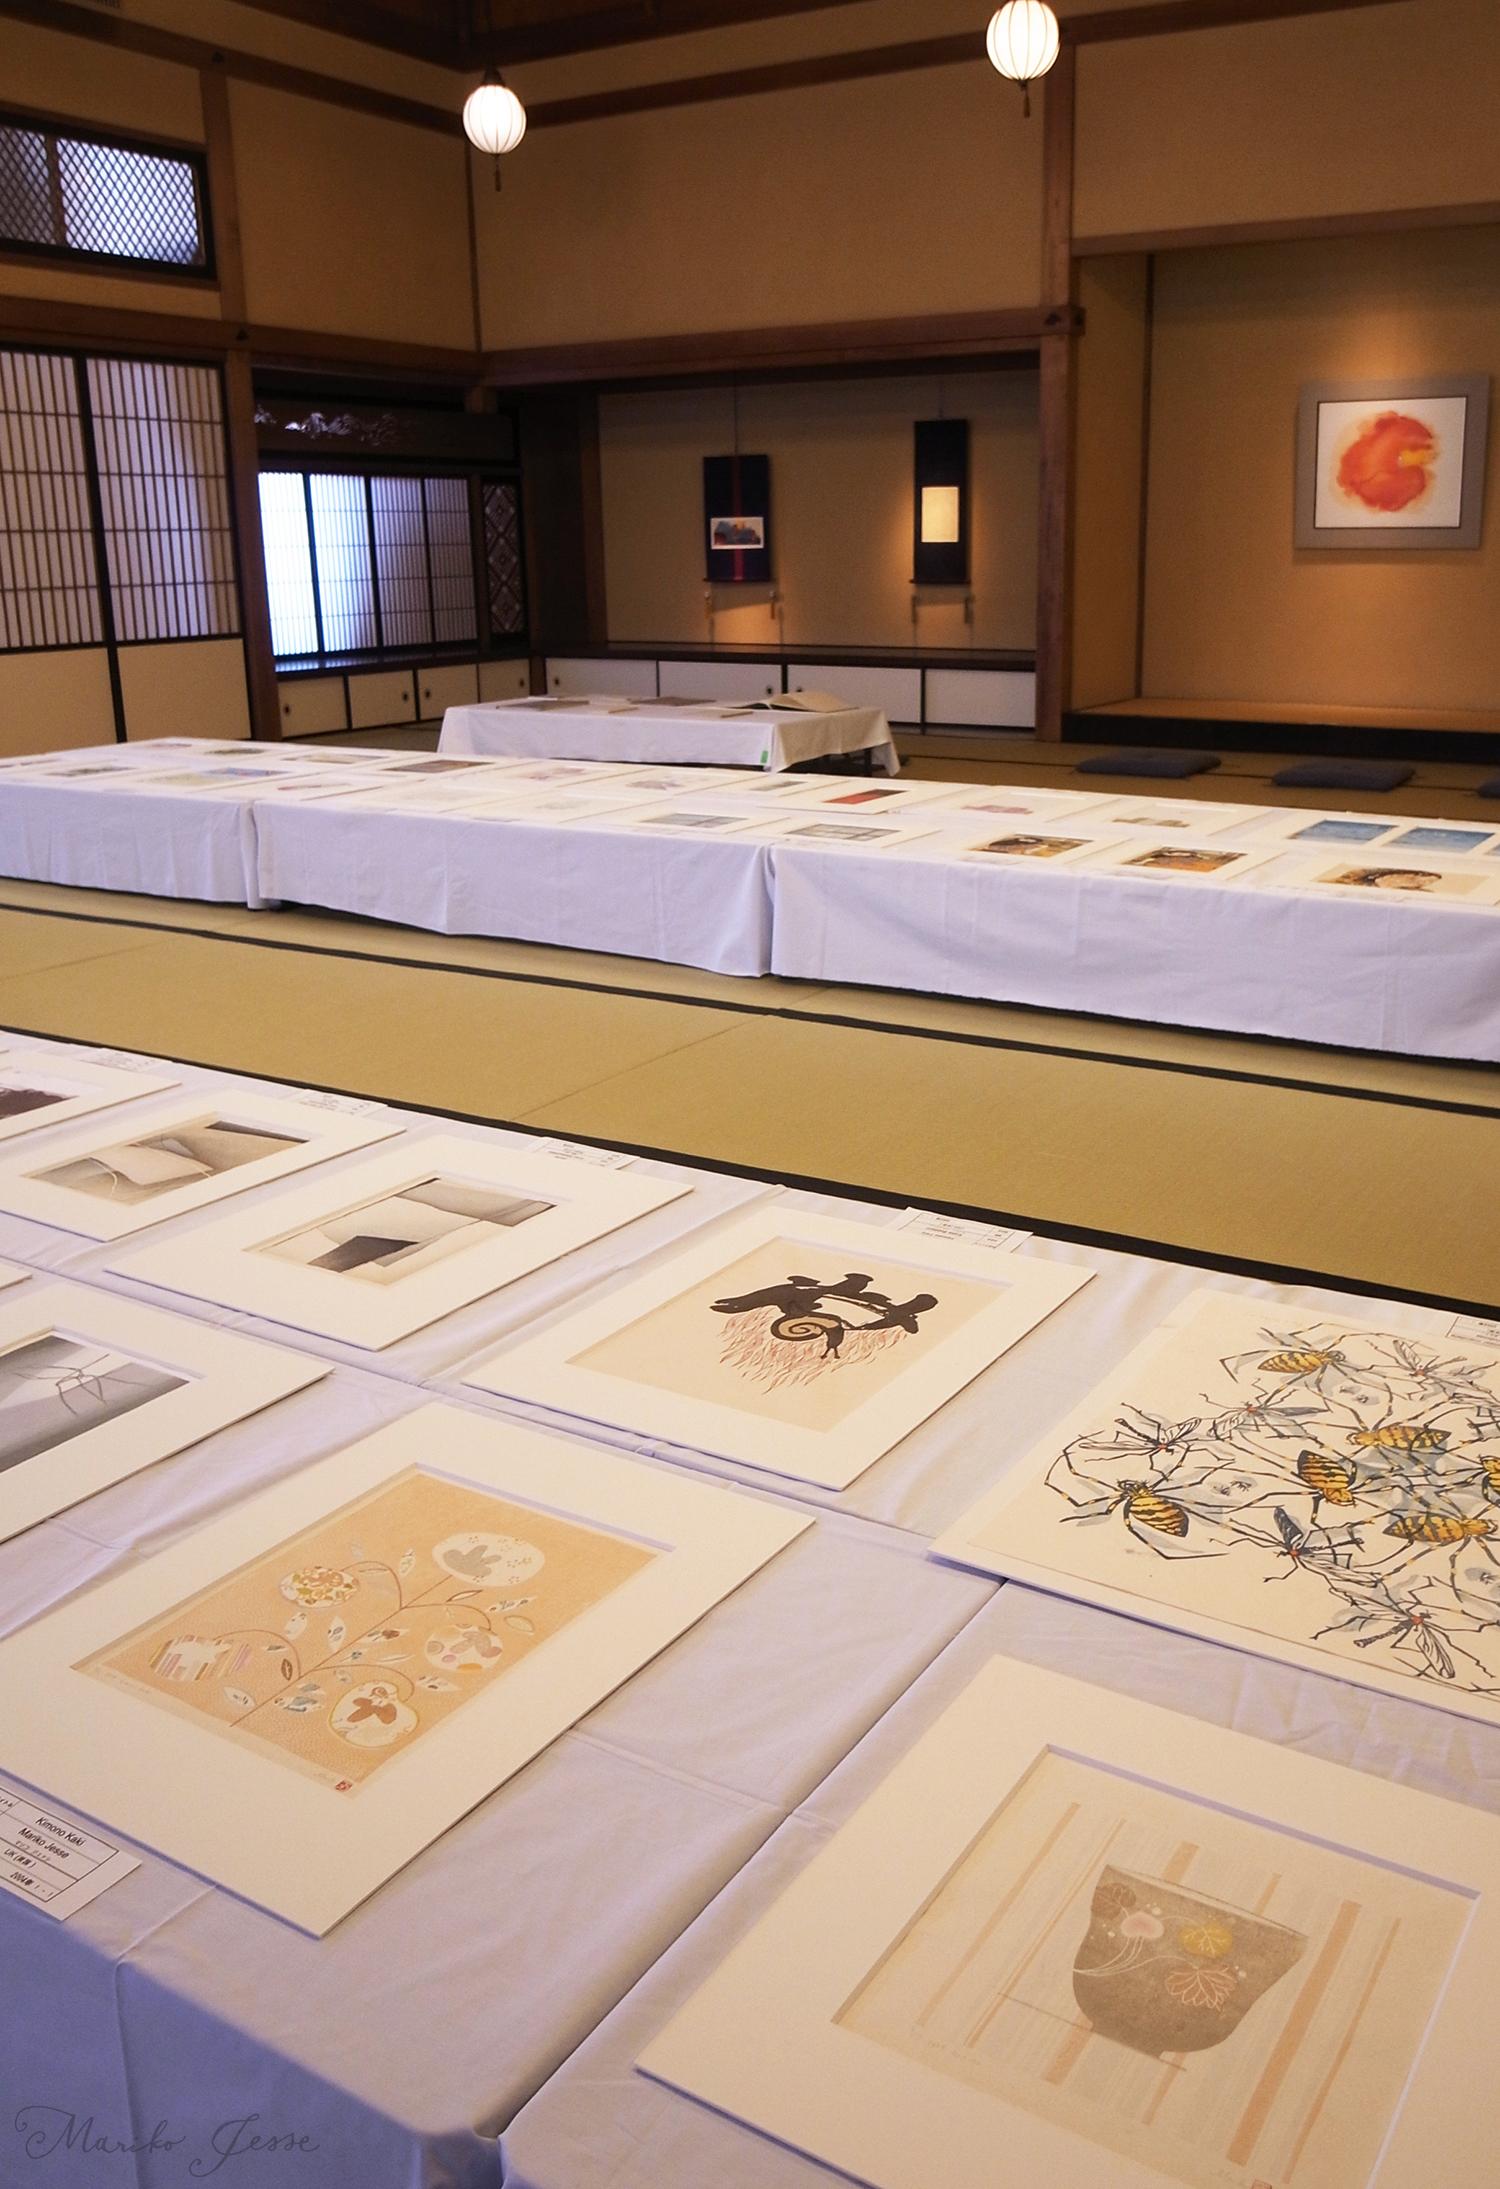 Kyoto exhibition